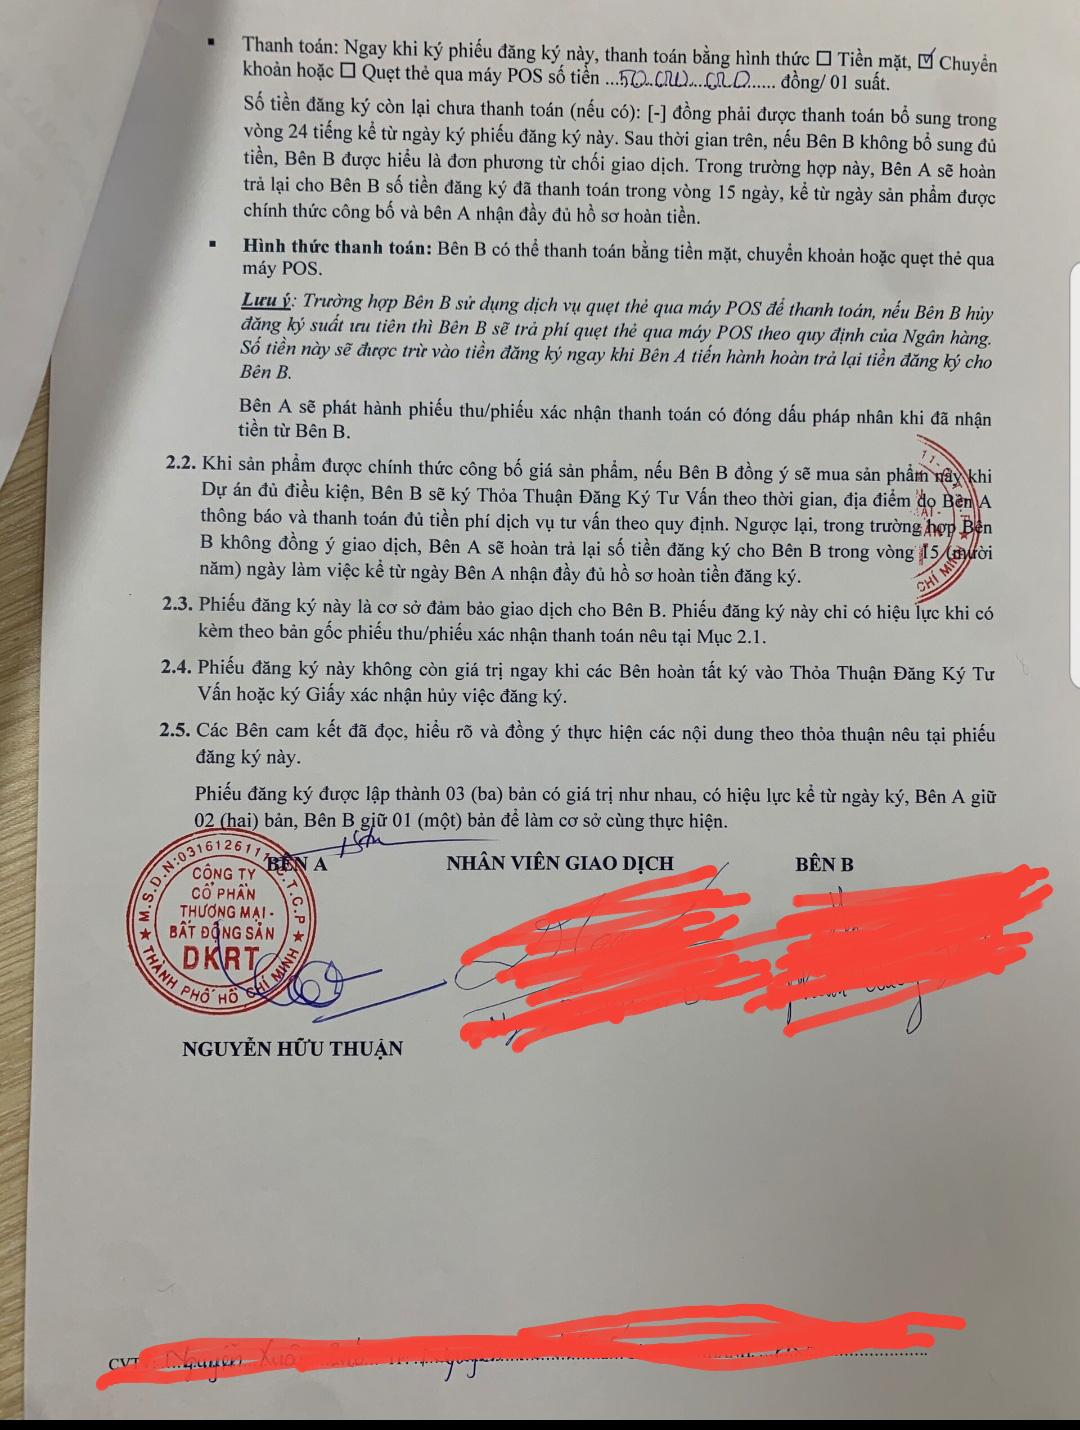 Khánh Hòa: Dự án The Aston Luxury Residence - Nha Trang lách luật để huy động vốn và rao bán rầm rộ - Ảnh 4.